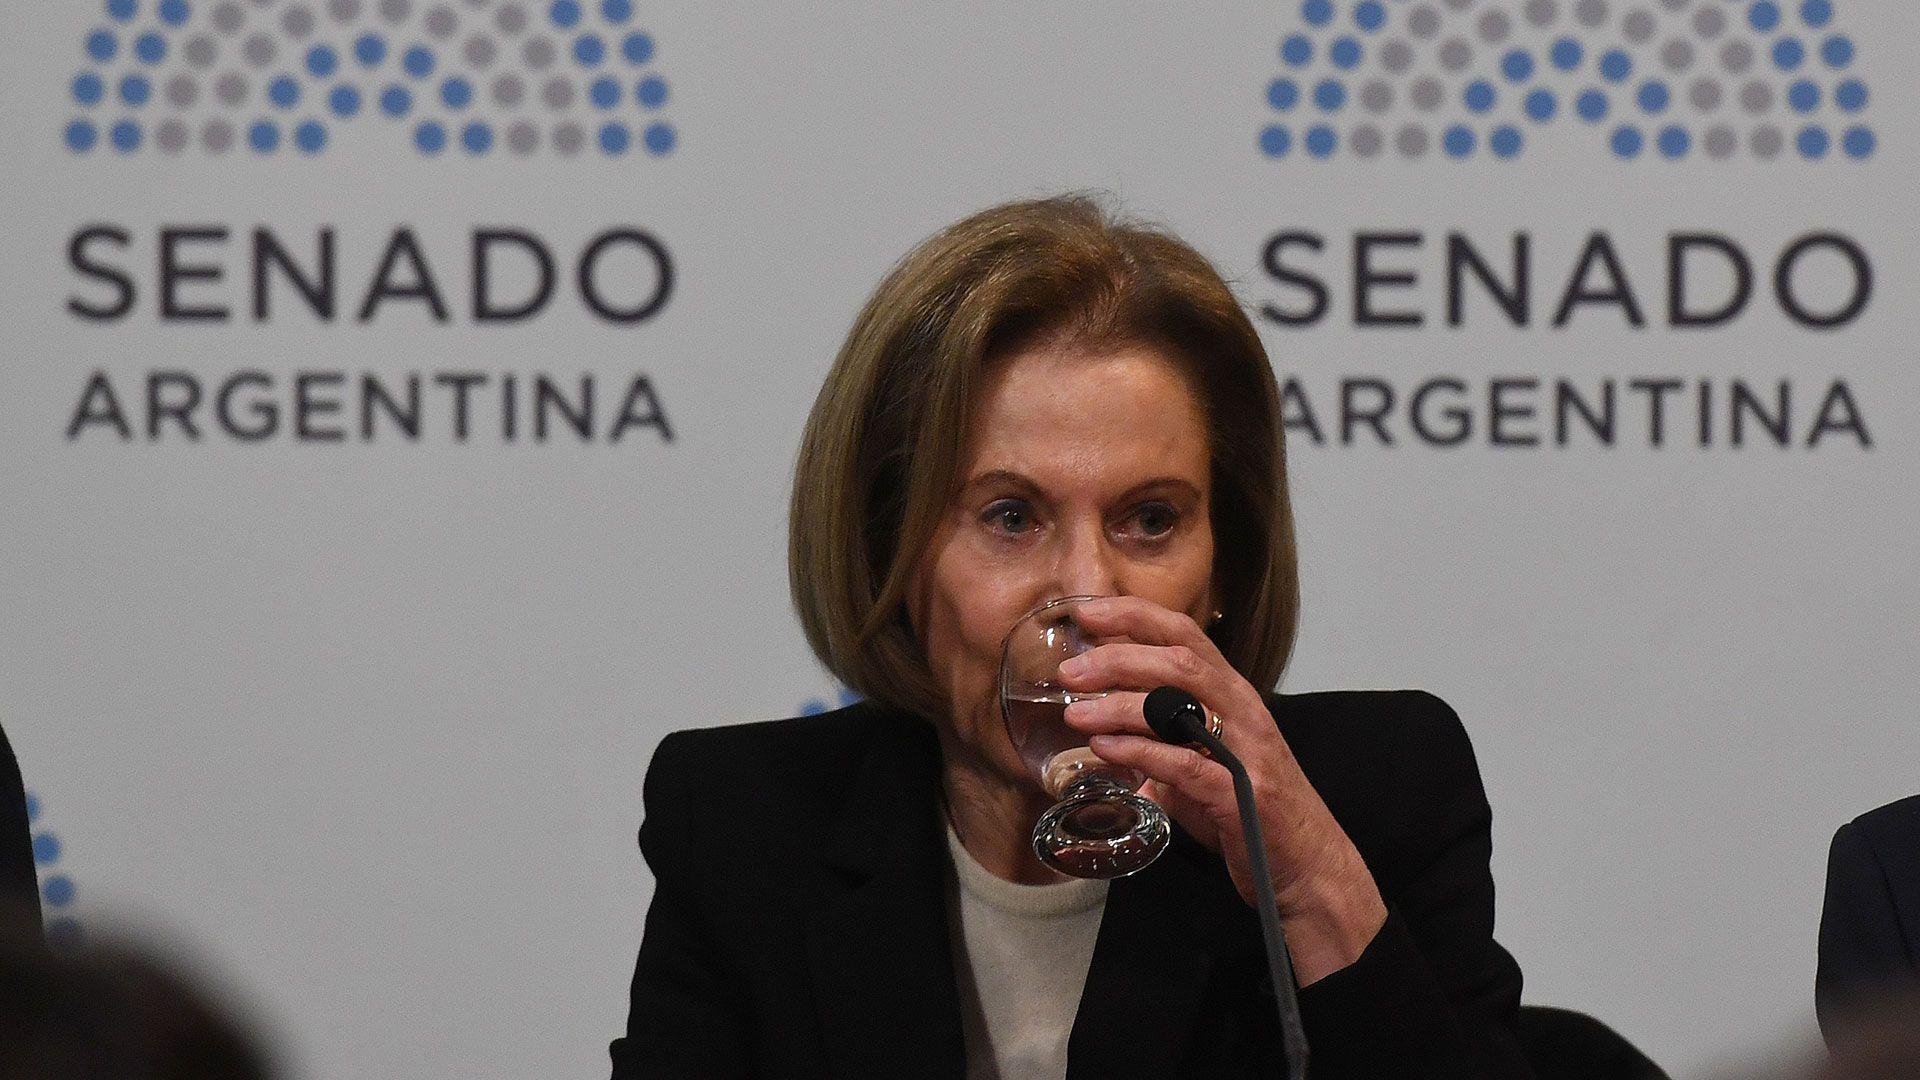 Inés Weinberg de Roca